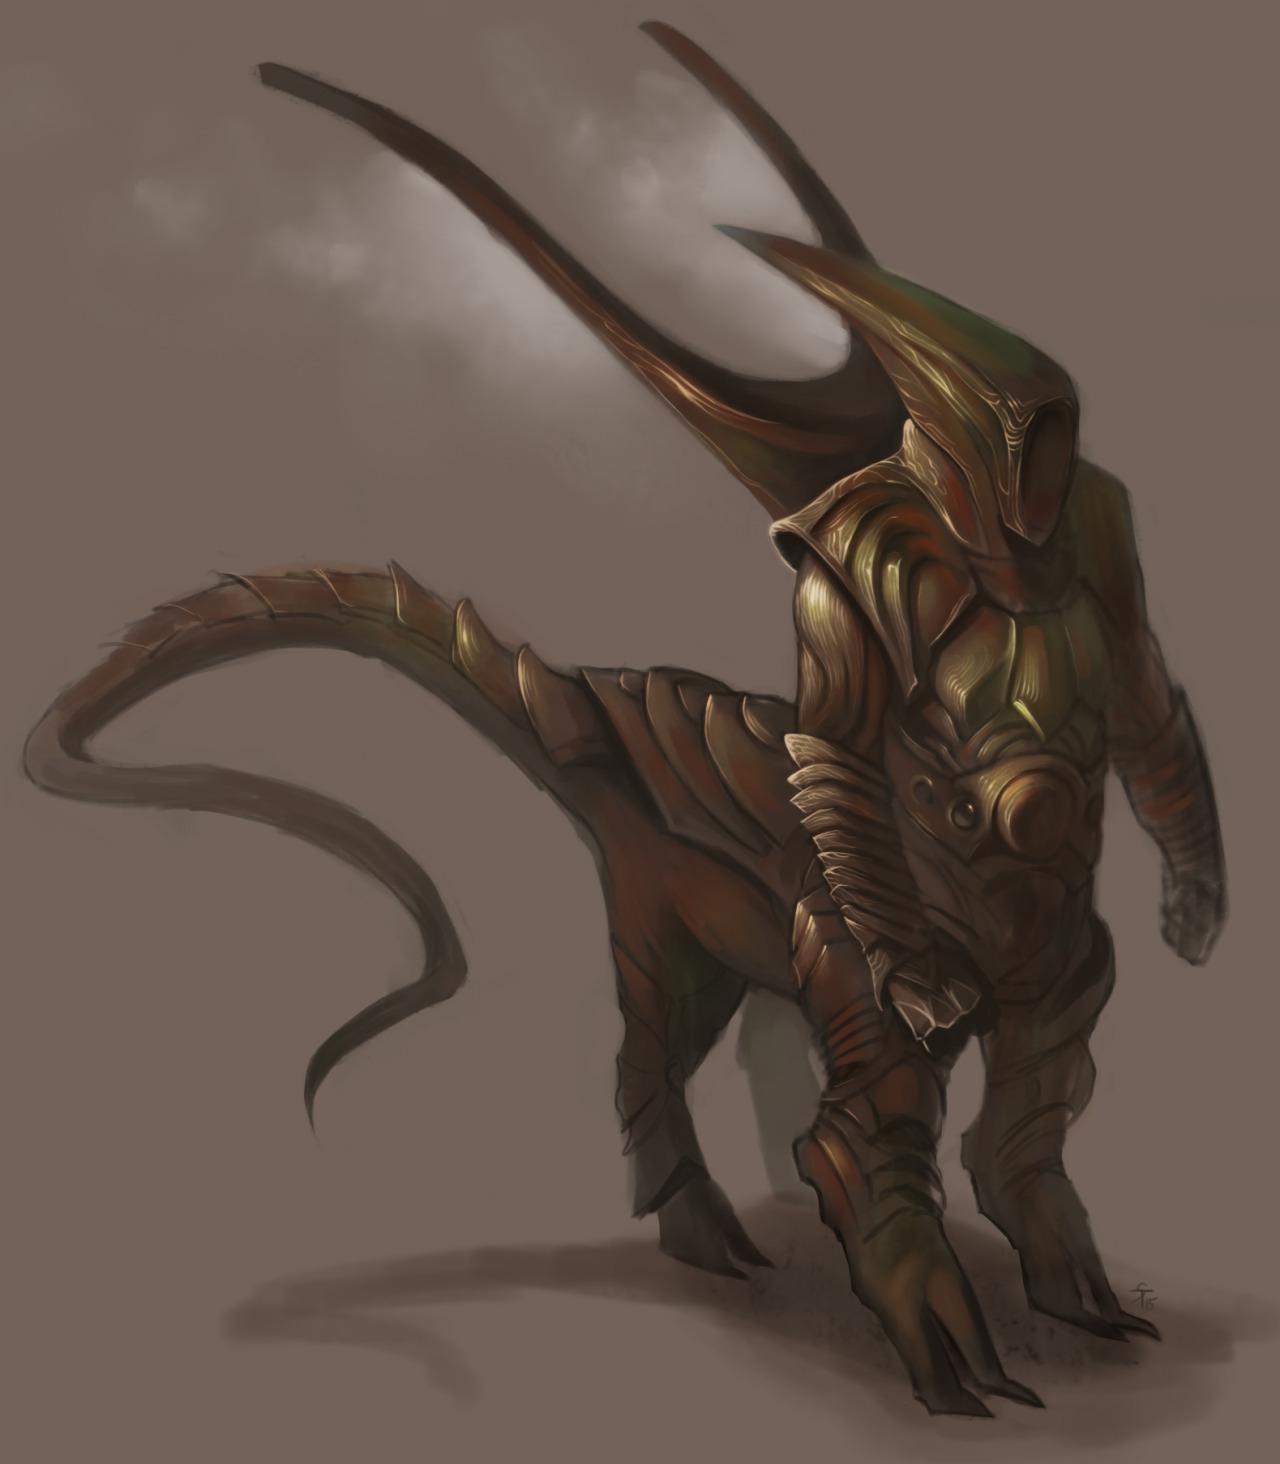 """the-murdellicious #47: """"Dragon, Copper"""" - by Tuomas Salmela themurling.tumblr.com (2015) © dell'autore tutti i diritti riservati"""